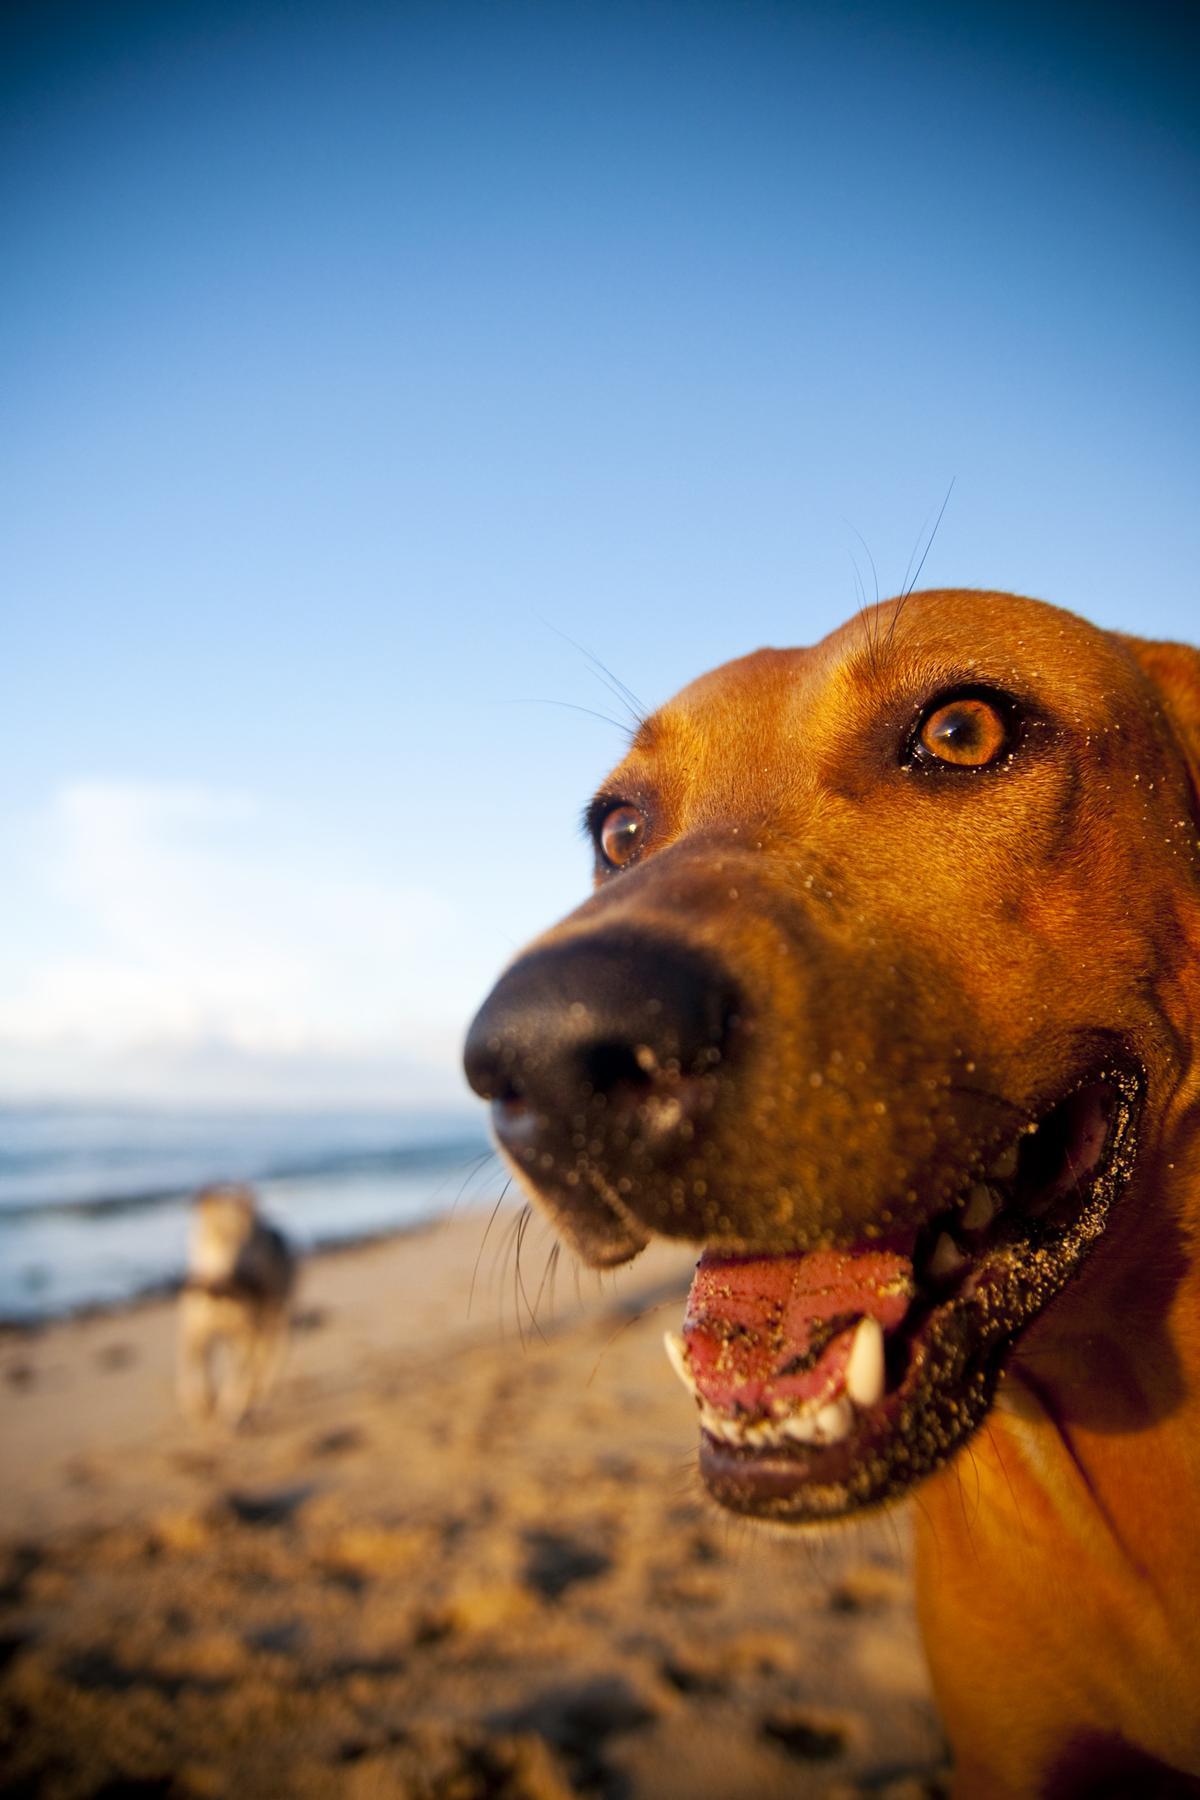 Up Close Dog on Samoan Beach